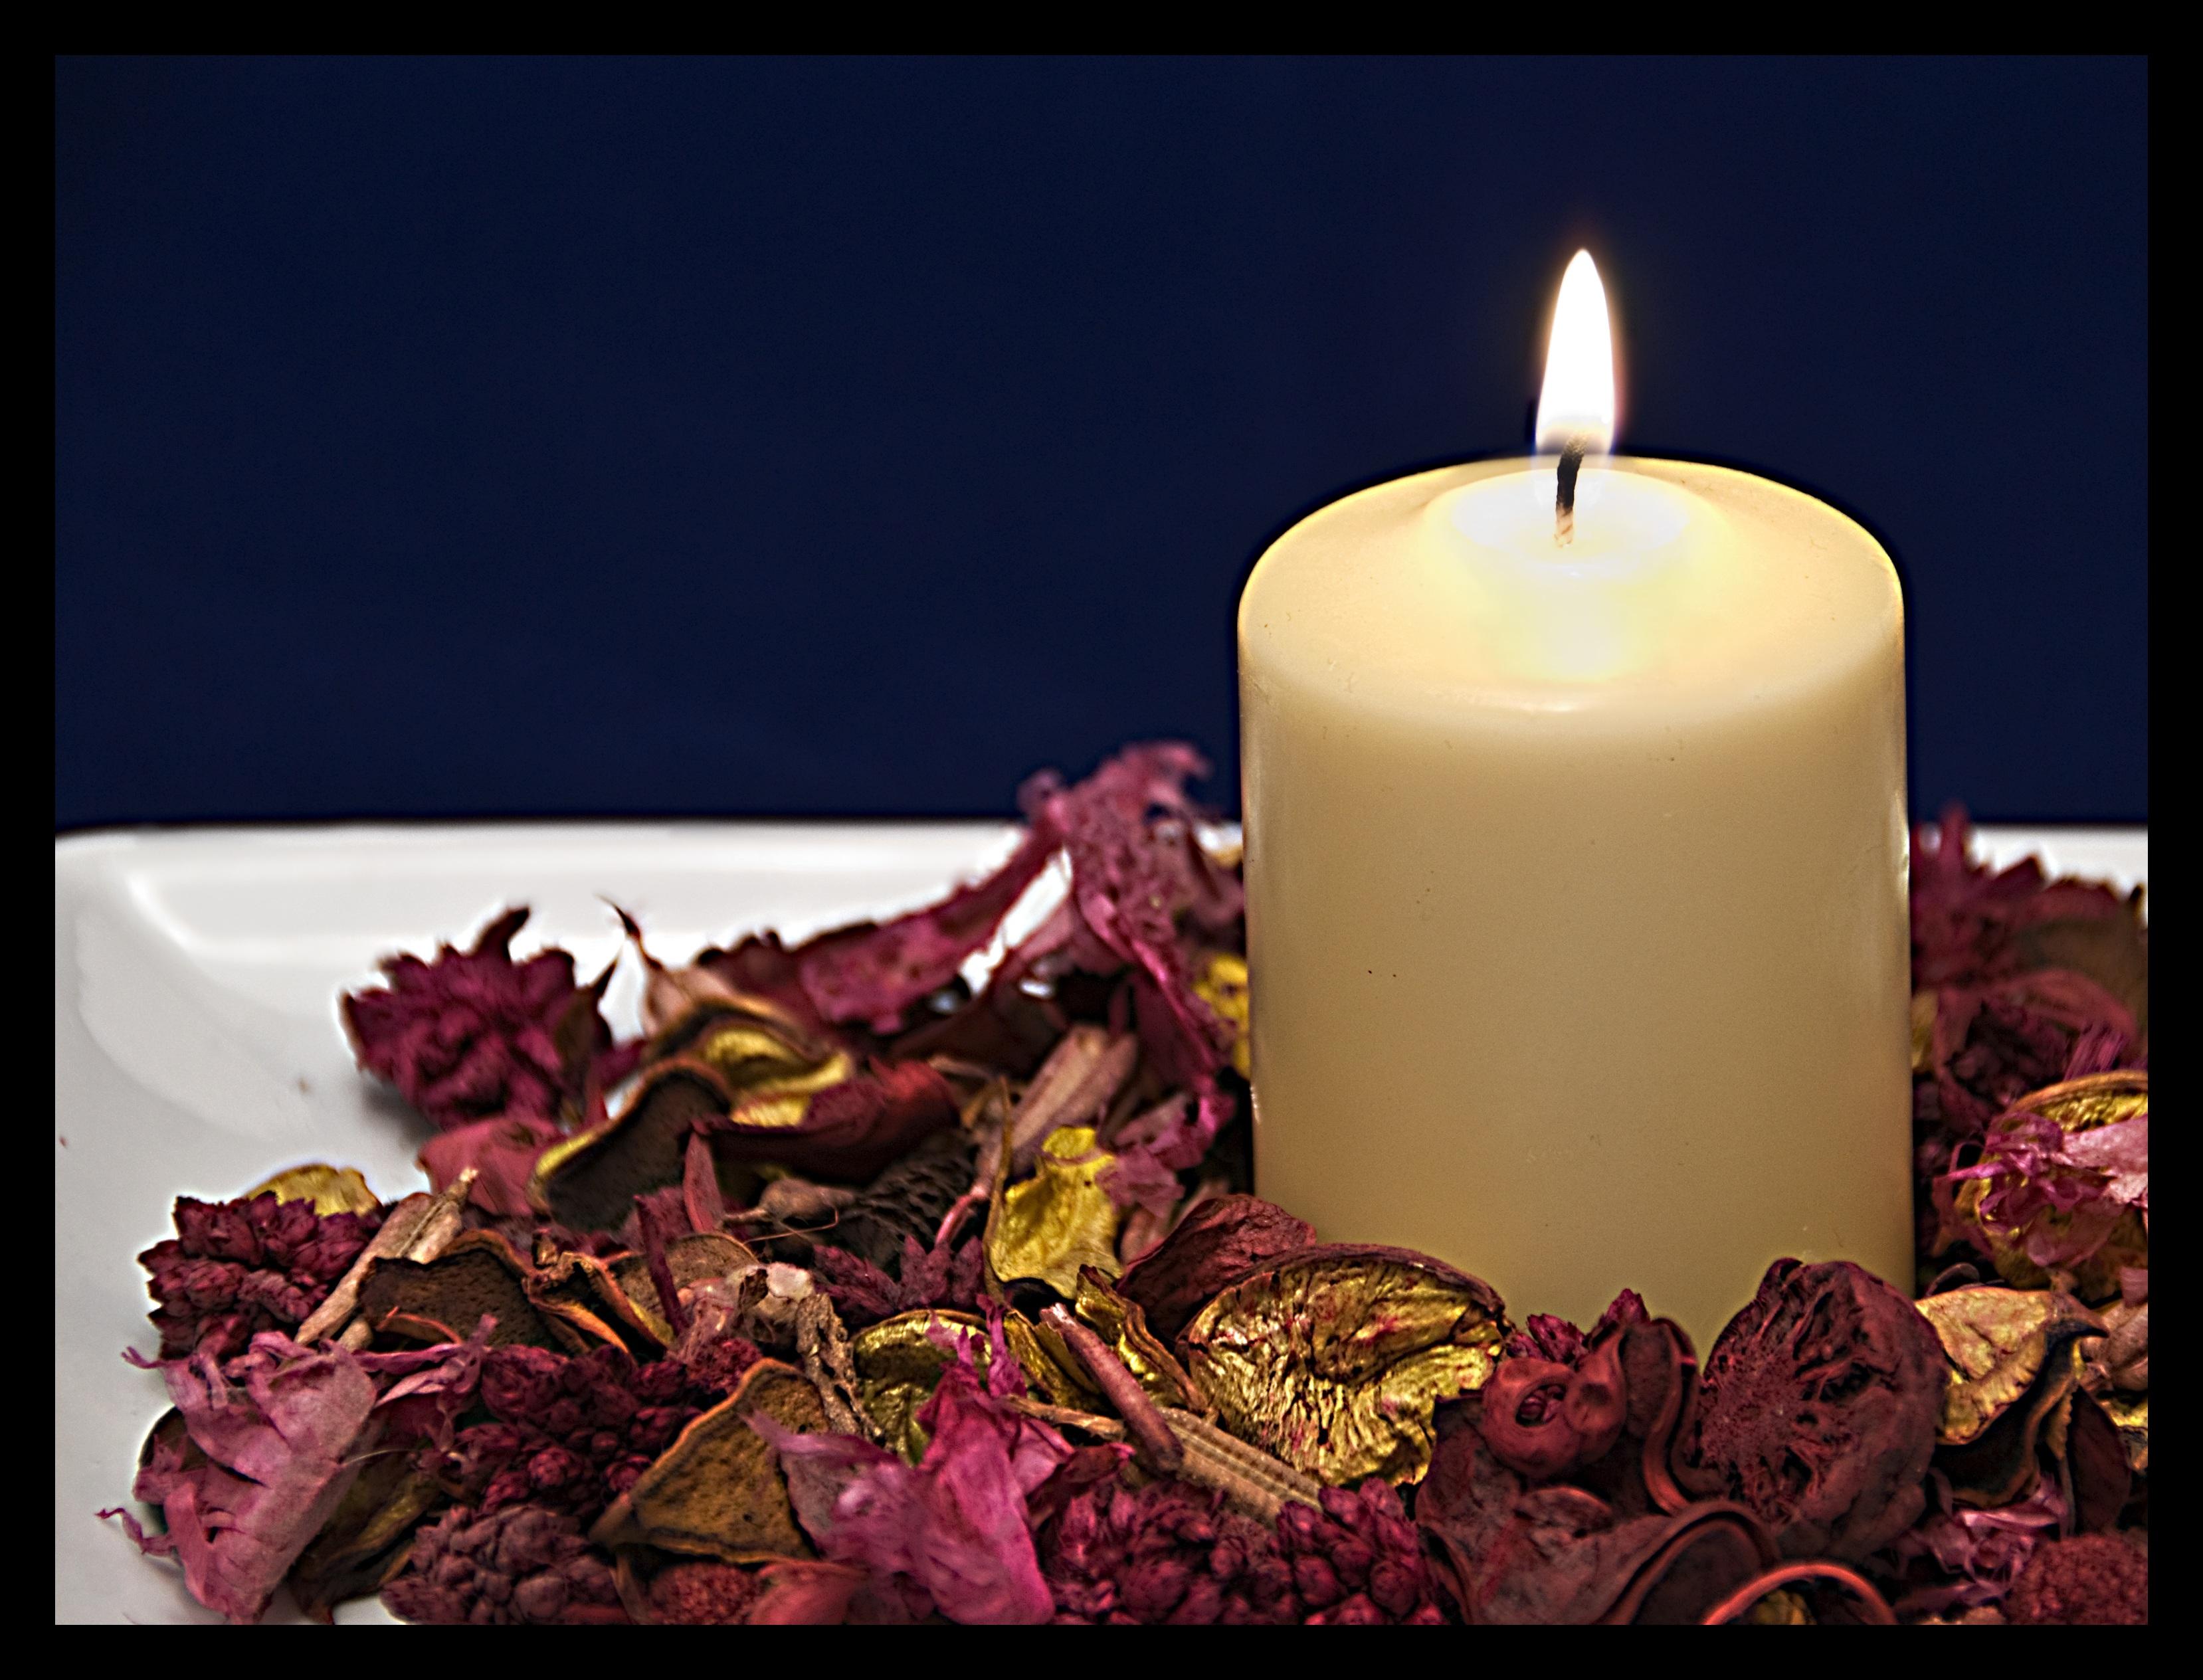 Картинка красивая со свечами